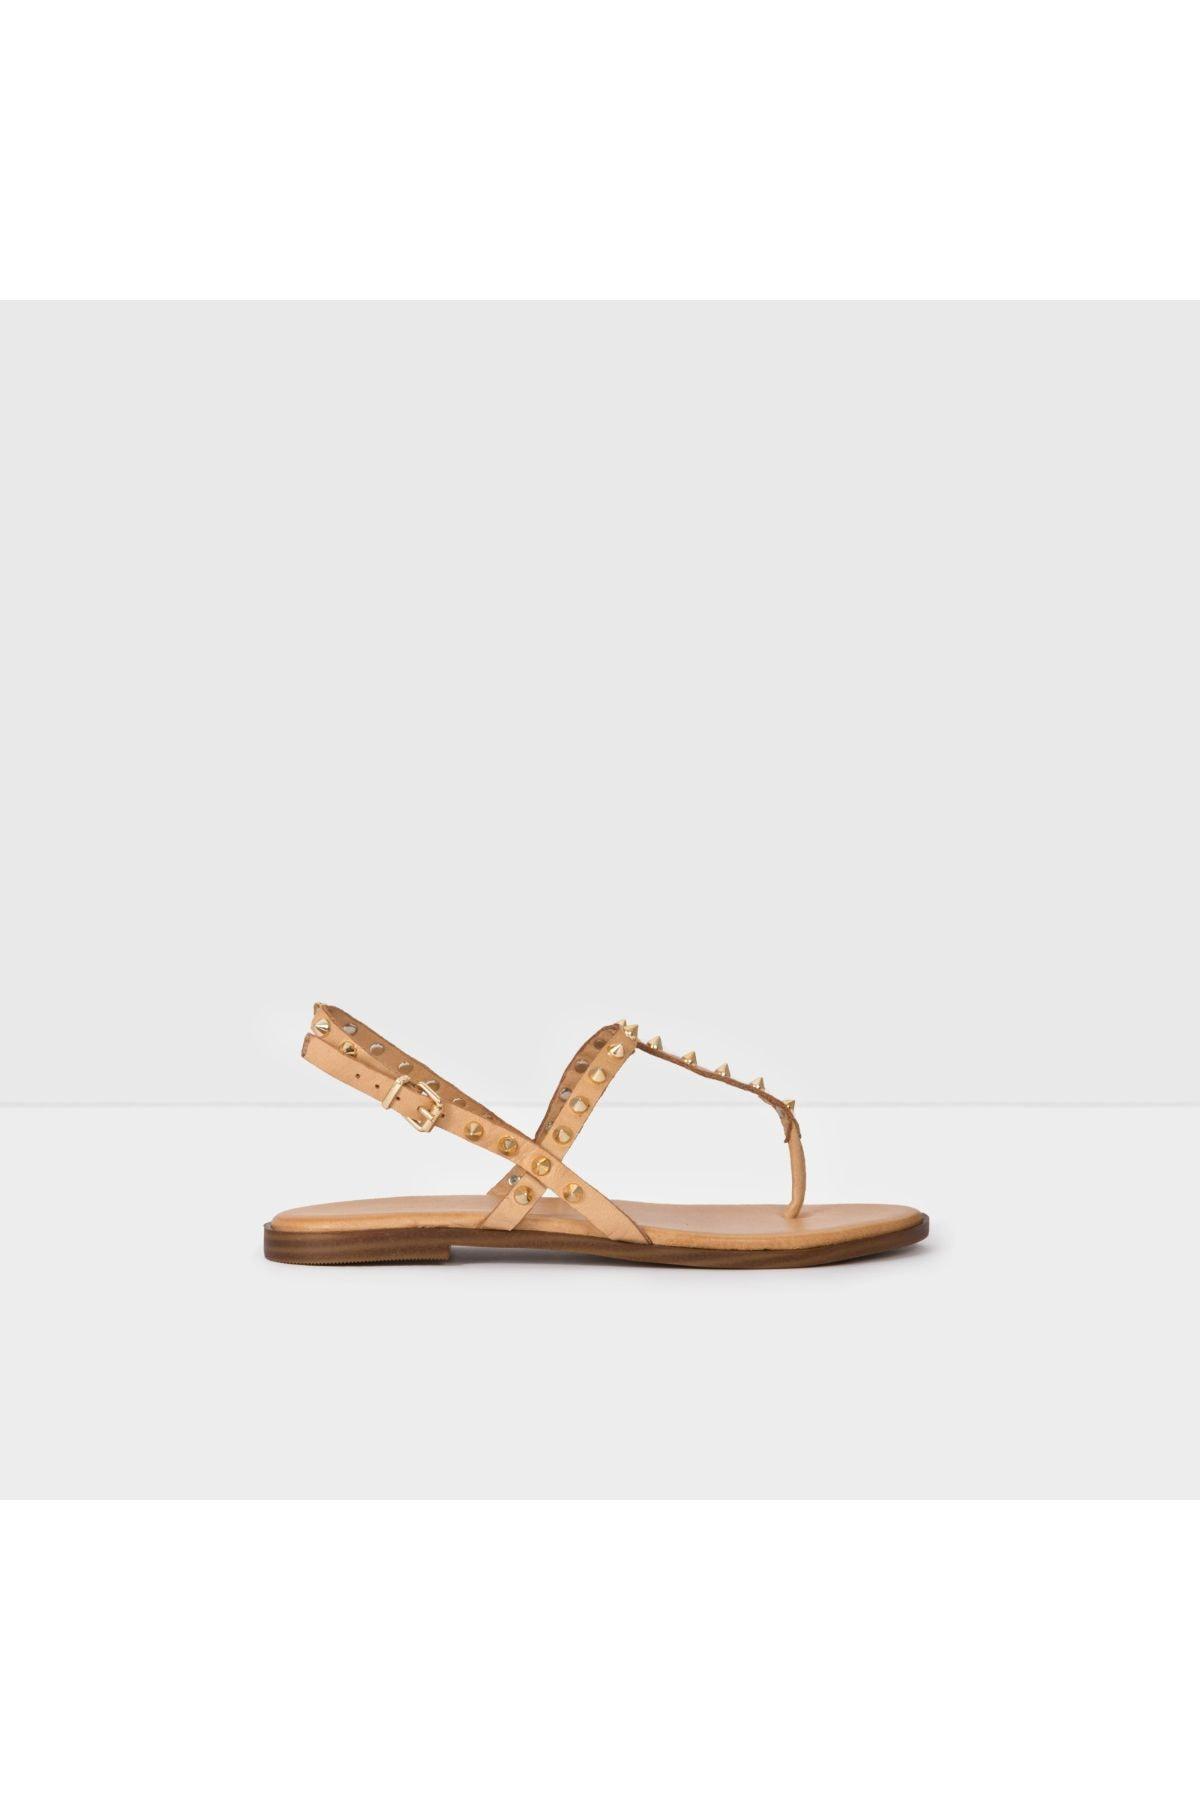 Aldo Kadın Taba Sandalet 2